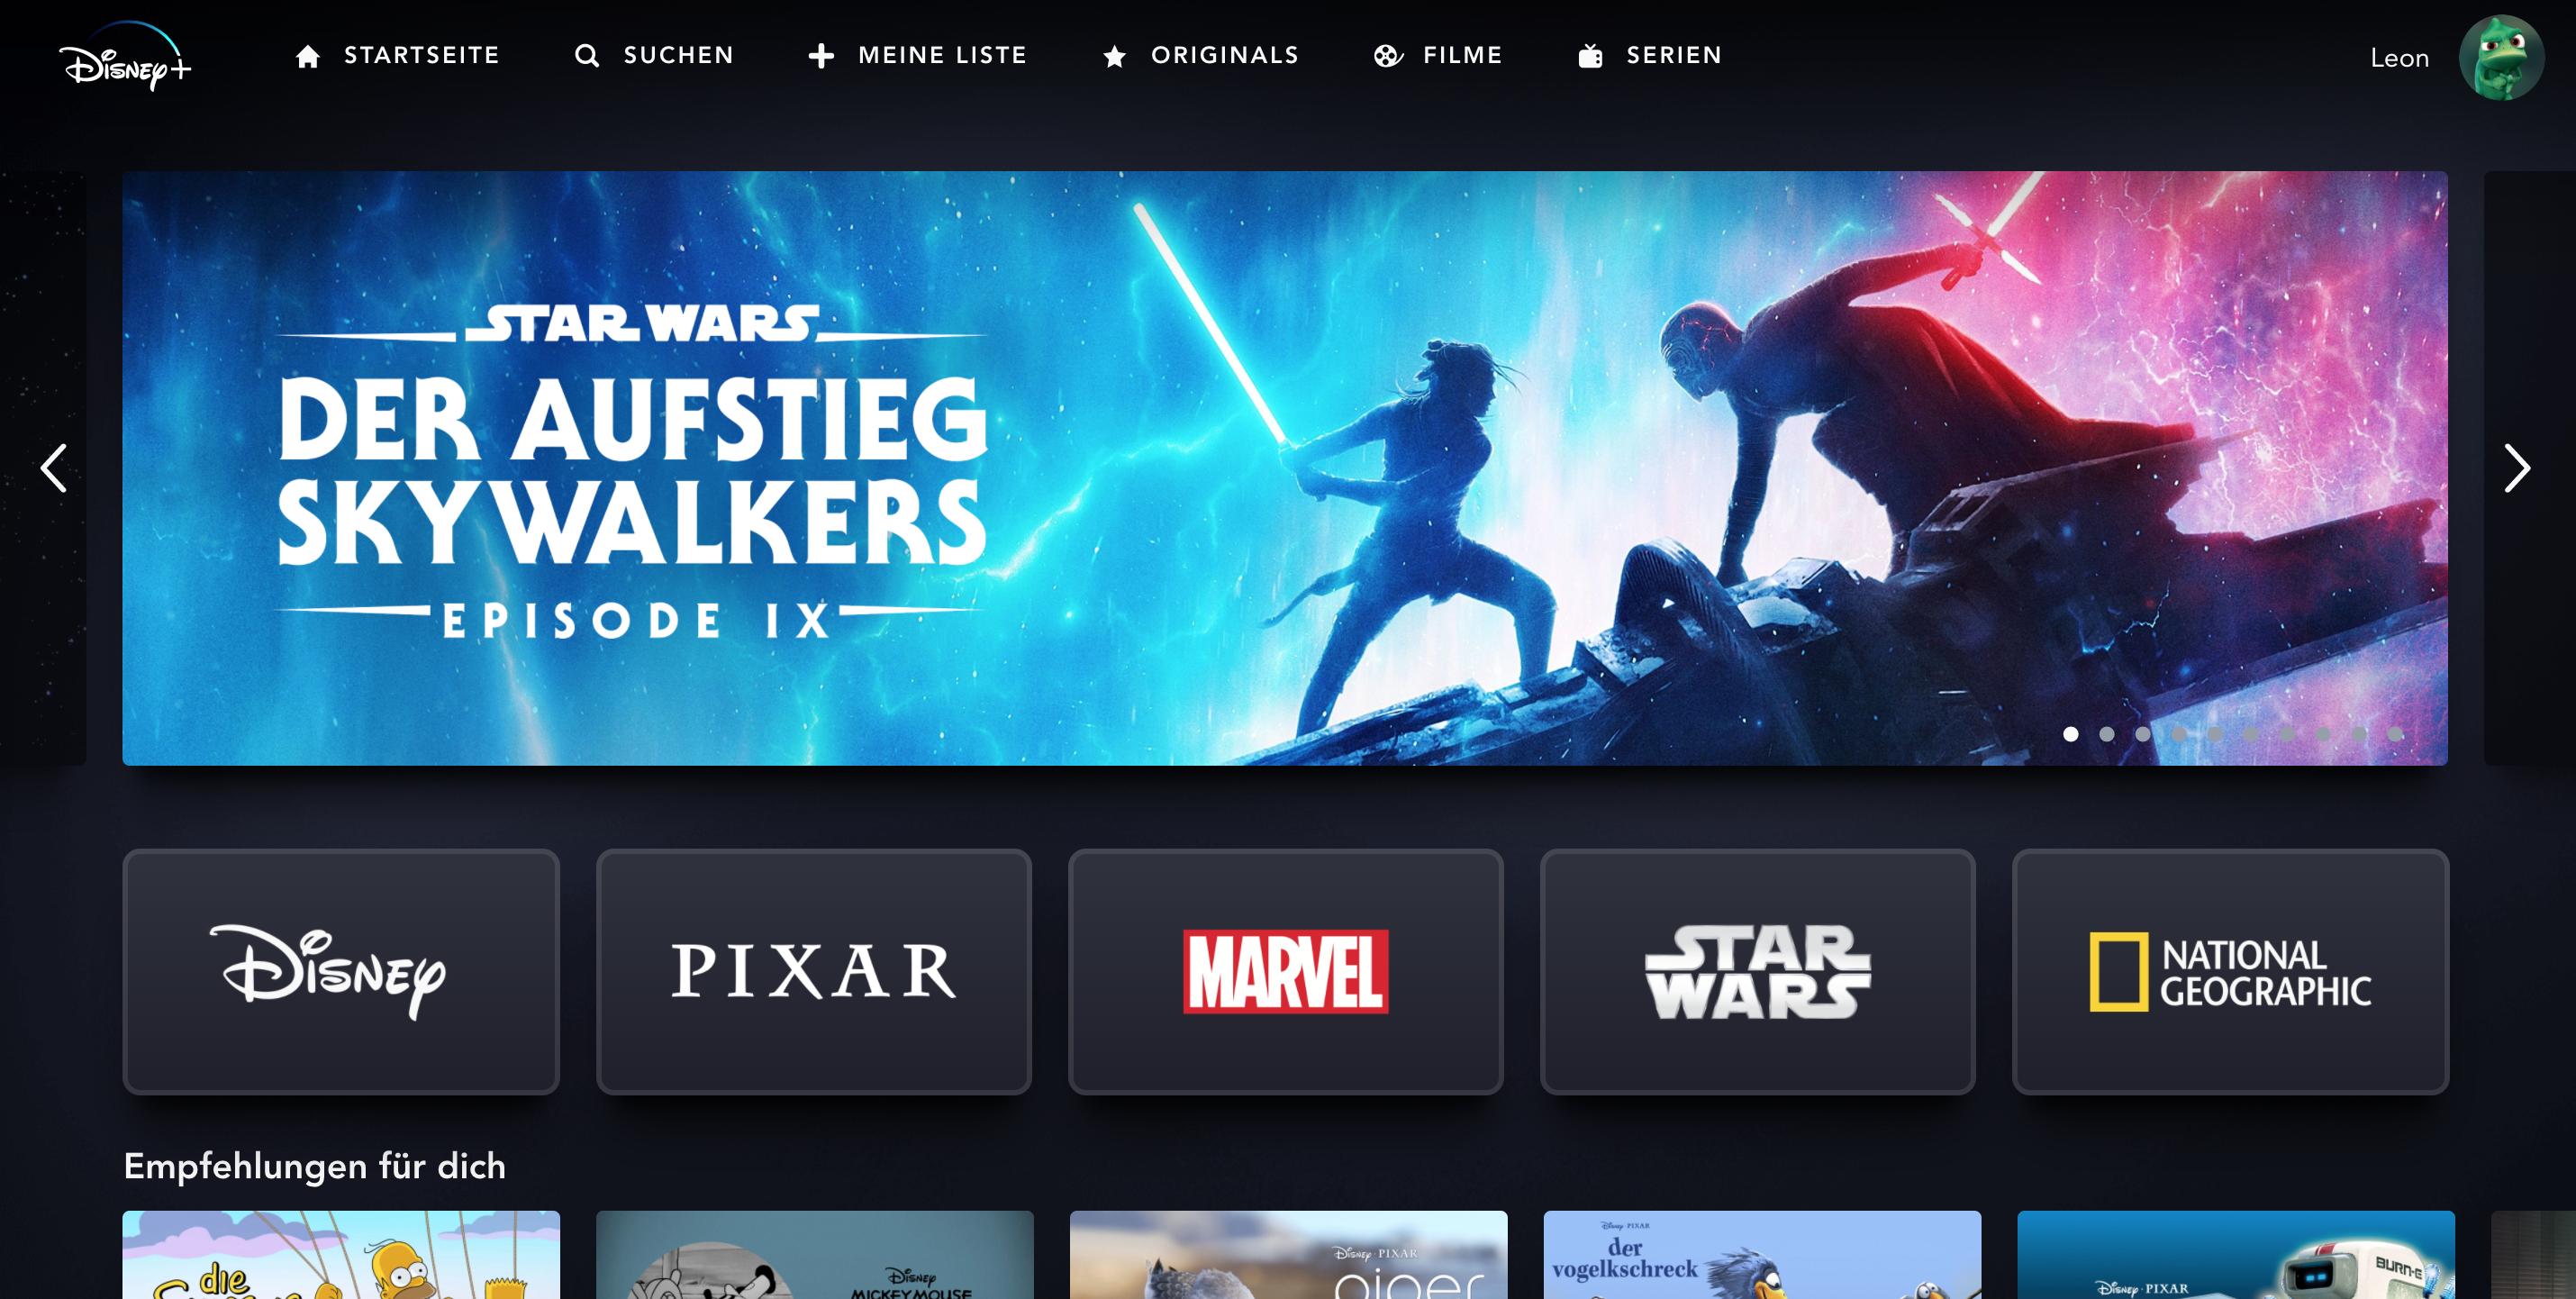 Disney Plus bietet unter anderen alle Teile der Star Wars-Reihe an. |Bild: Disney